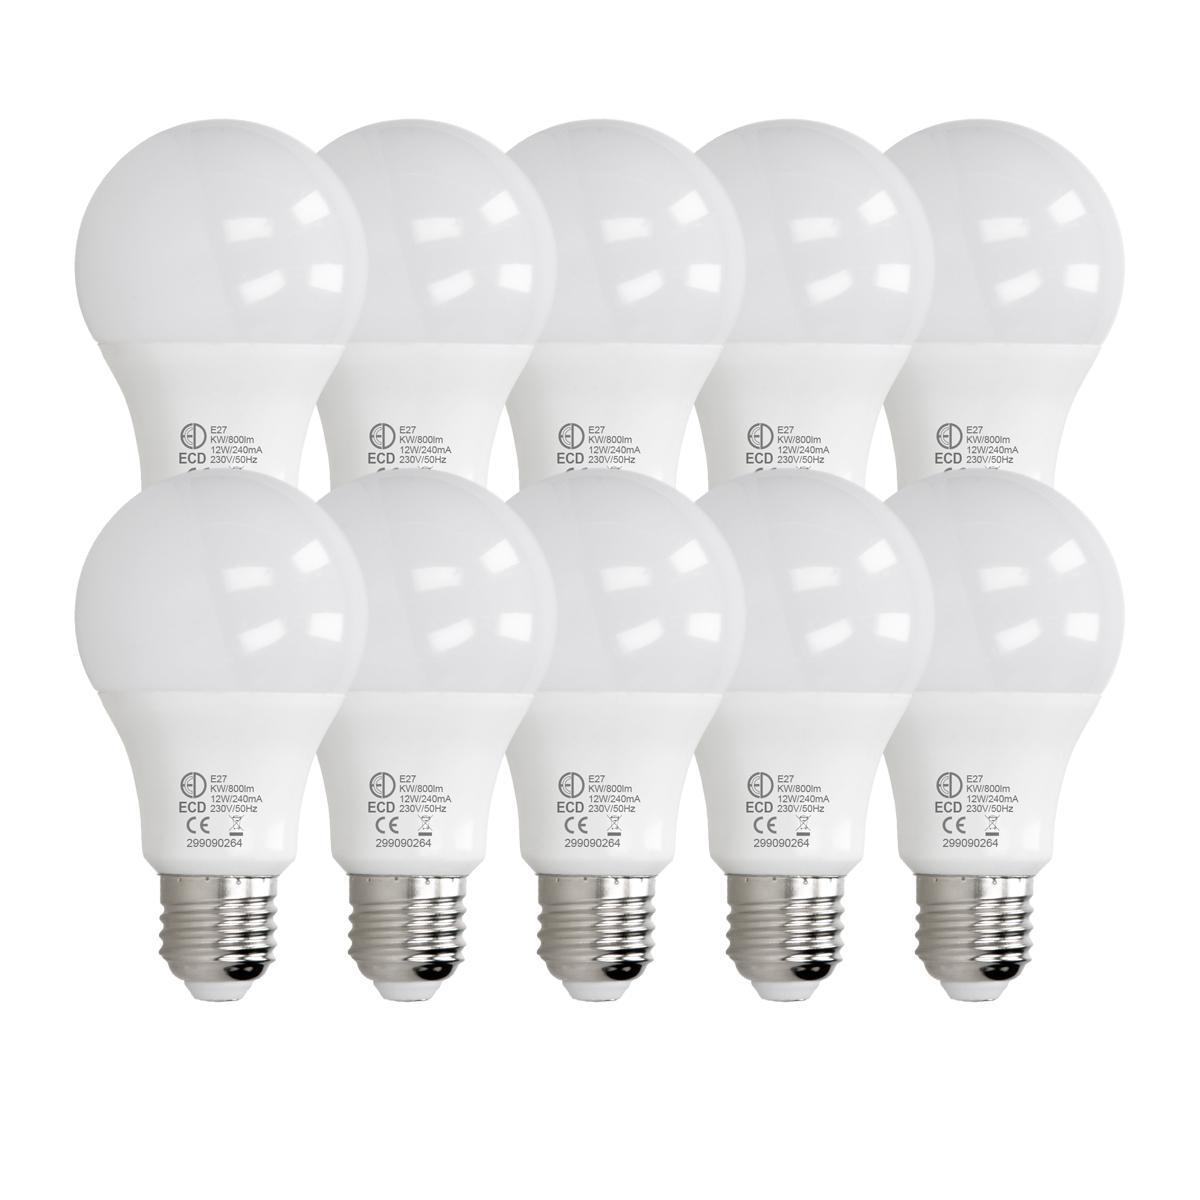 Ecd Germany ECD Germany 10 pièces d'ampoule LED E27 de 12W | 6000 Kelvin | Angle de faisceau 270 ° | 800 lumens | Blanc froid | 220-